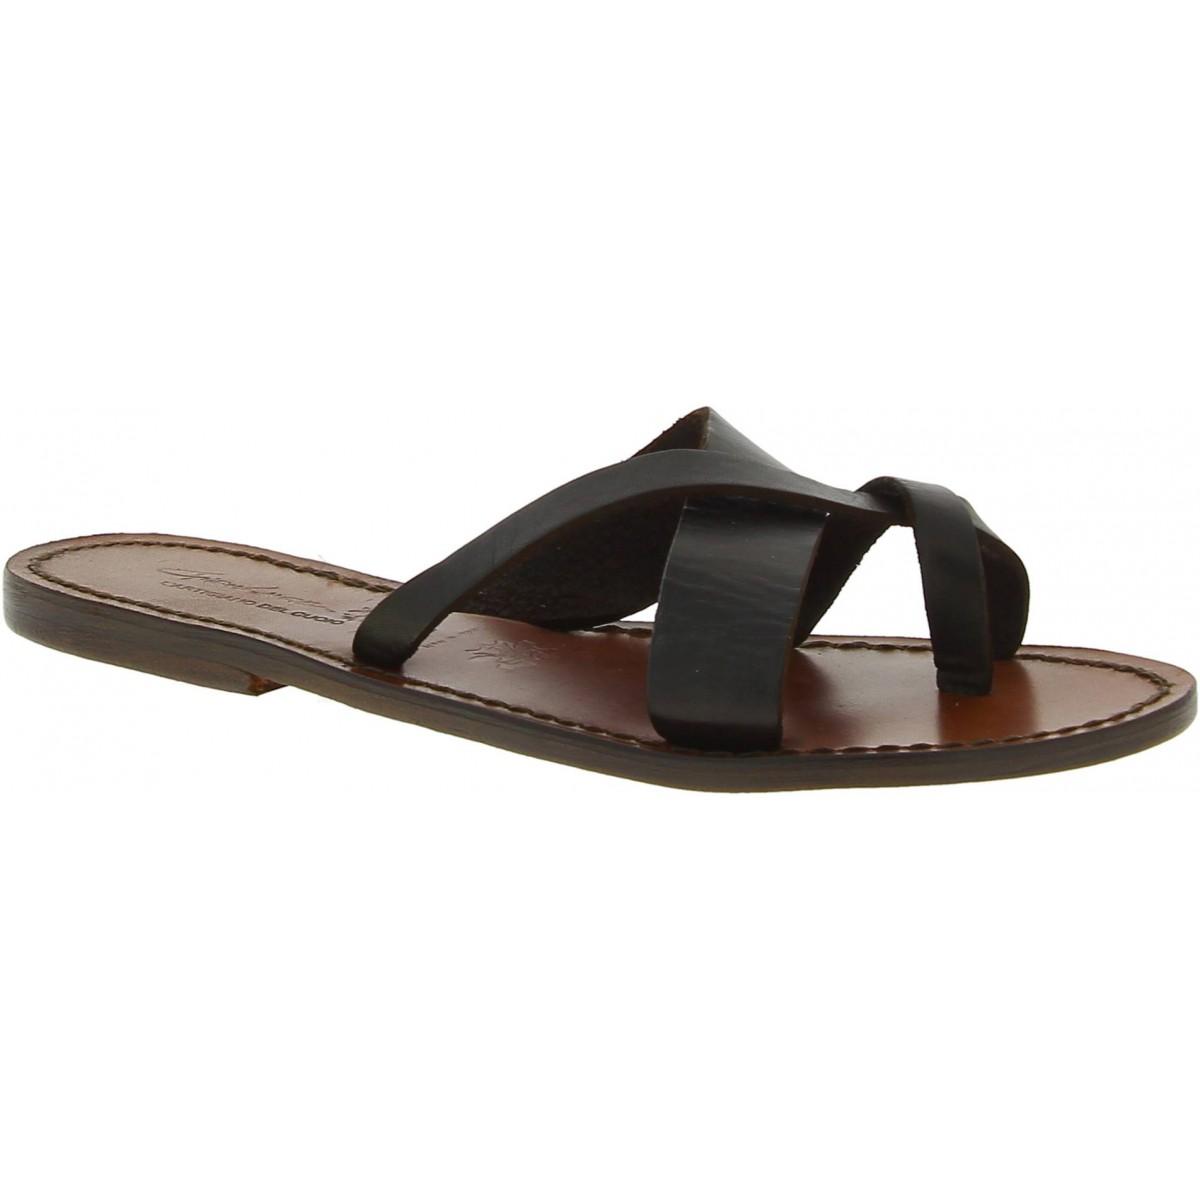 uk availability 17952 5f97c damen-riemchen-sandalen-aus-dunkelbraune-leder-in-italien-von-handgefertigt.jpg